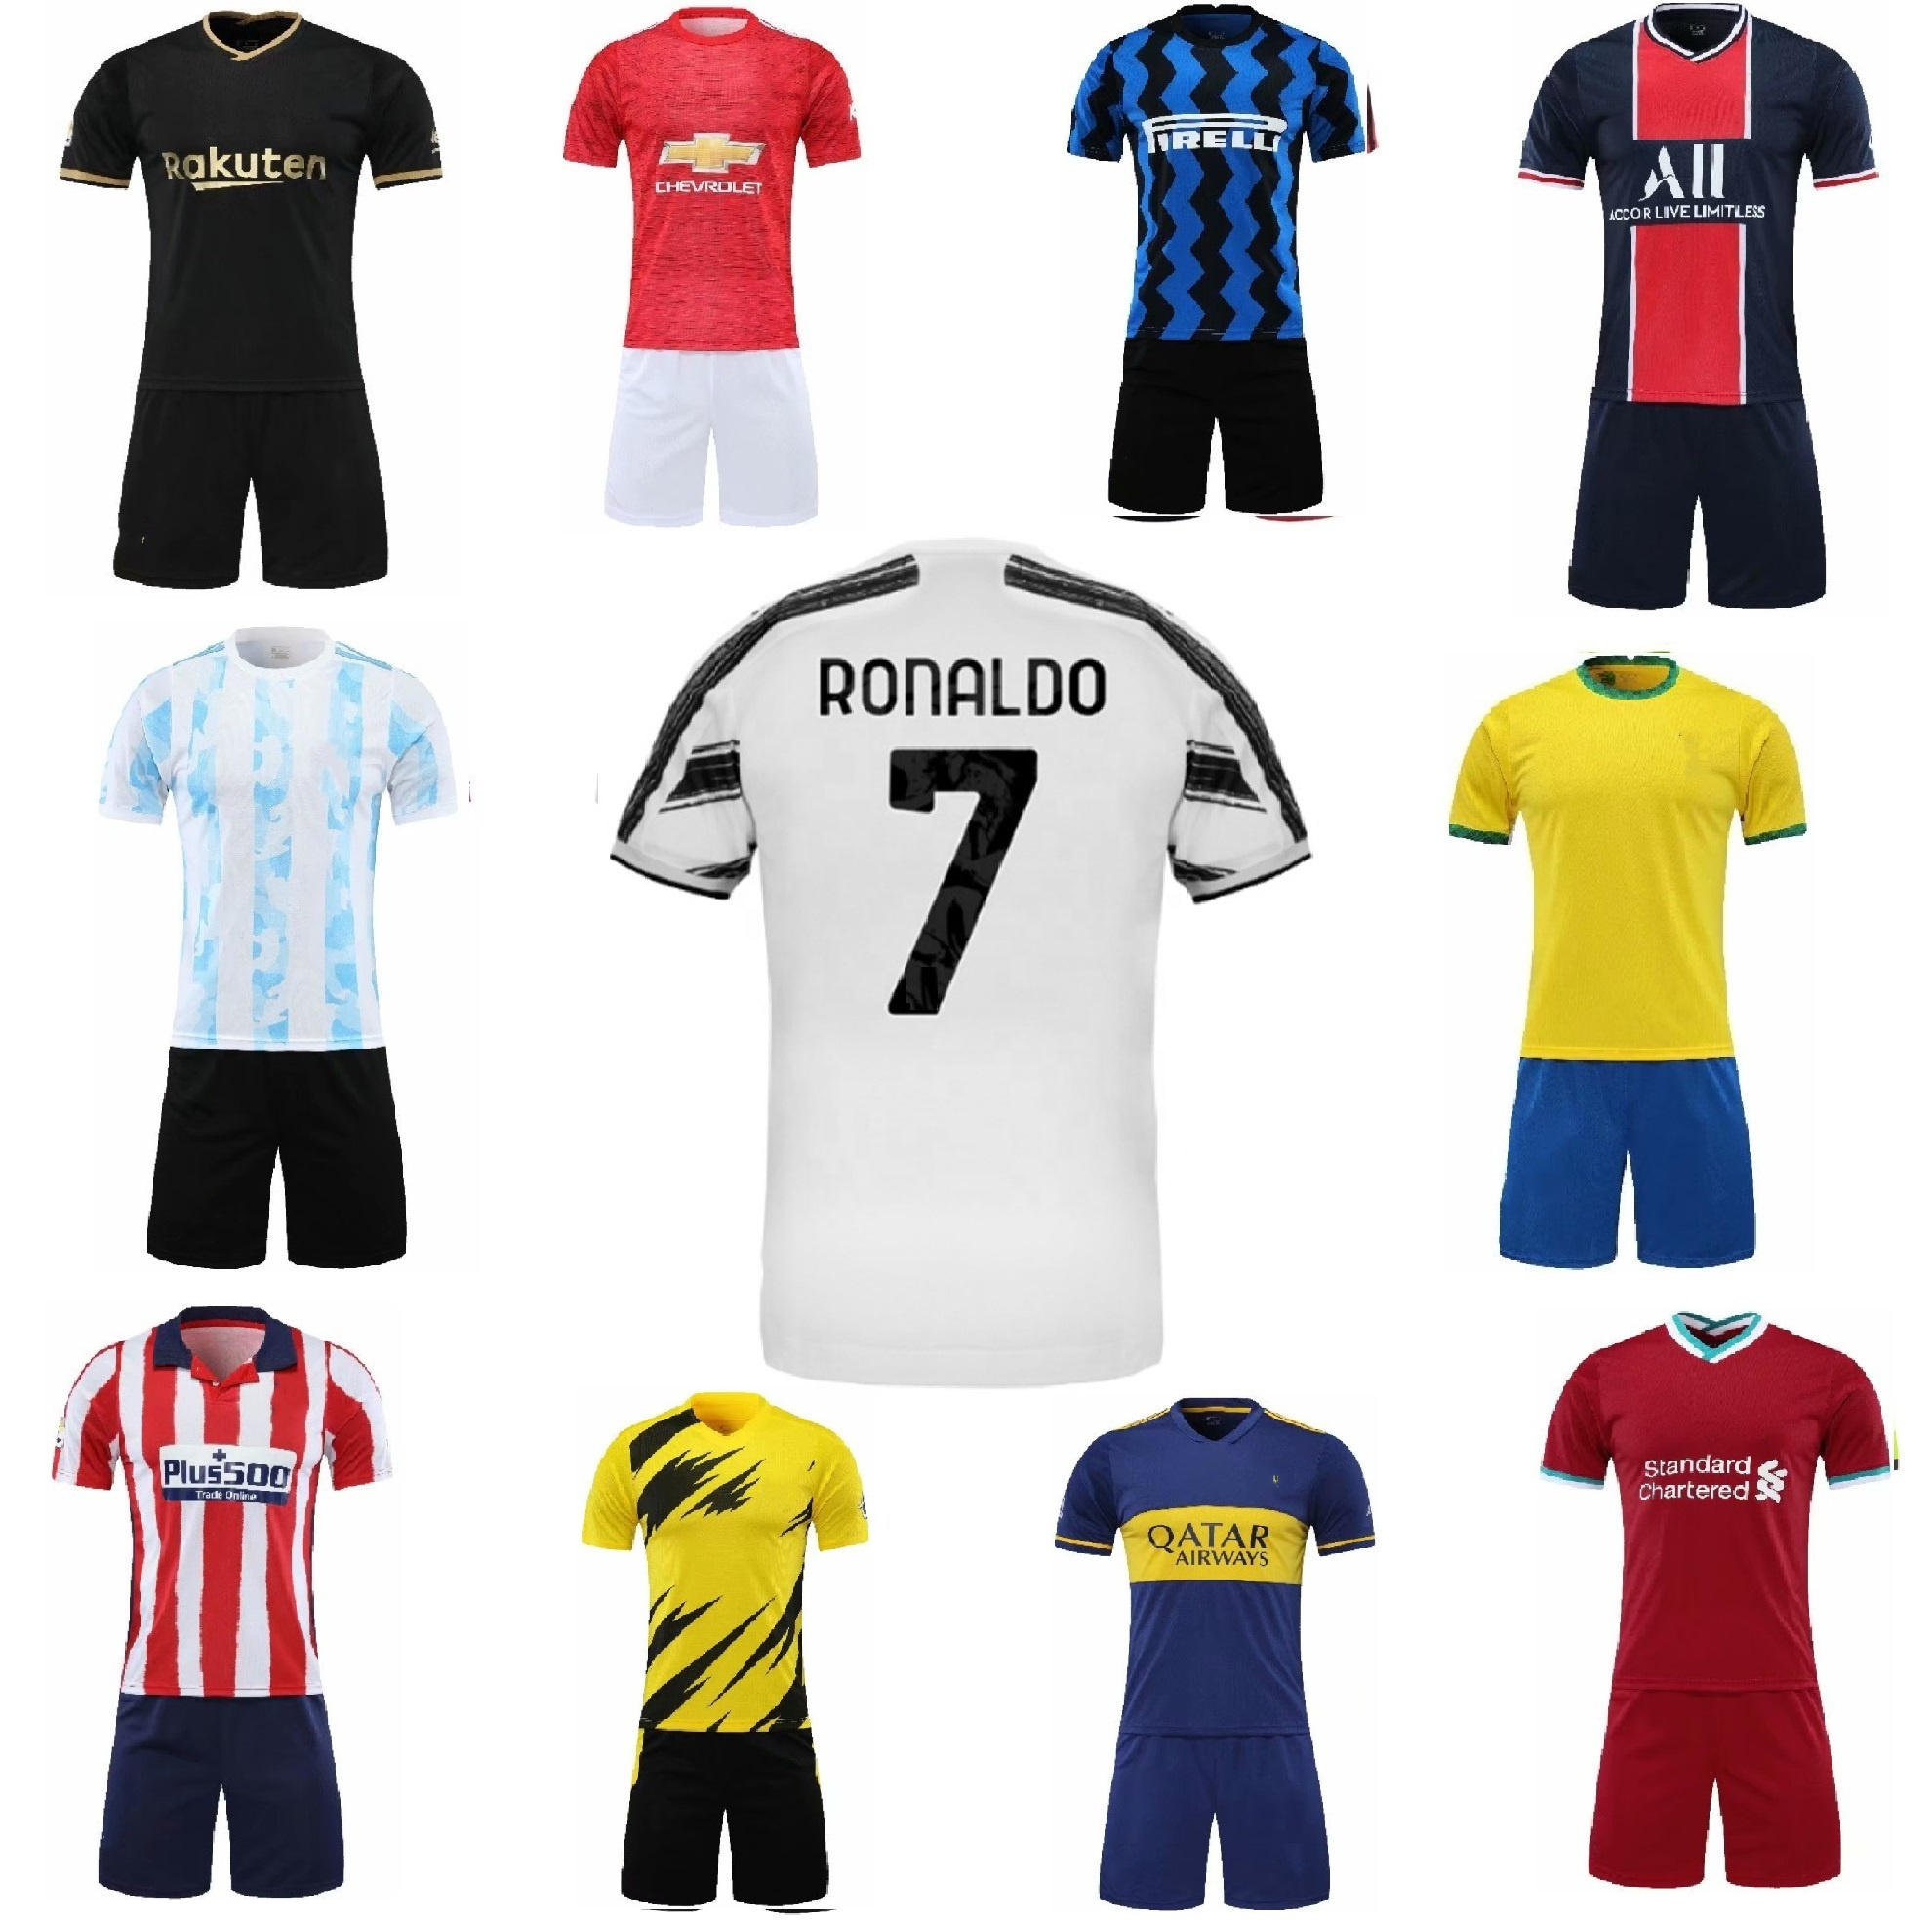 equipaciones futbol baratas personalizadas